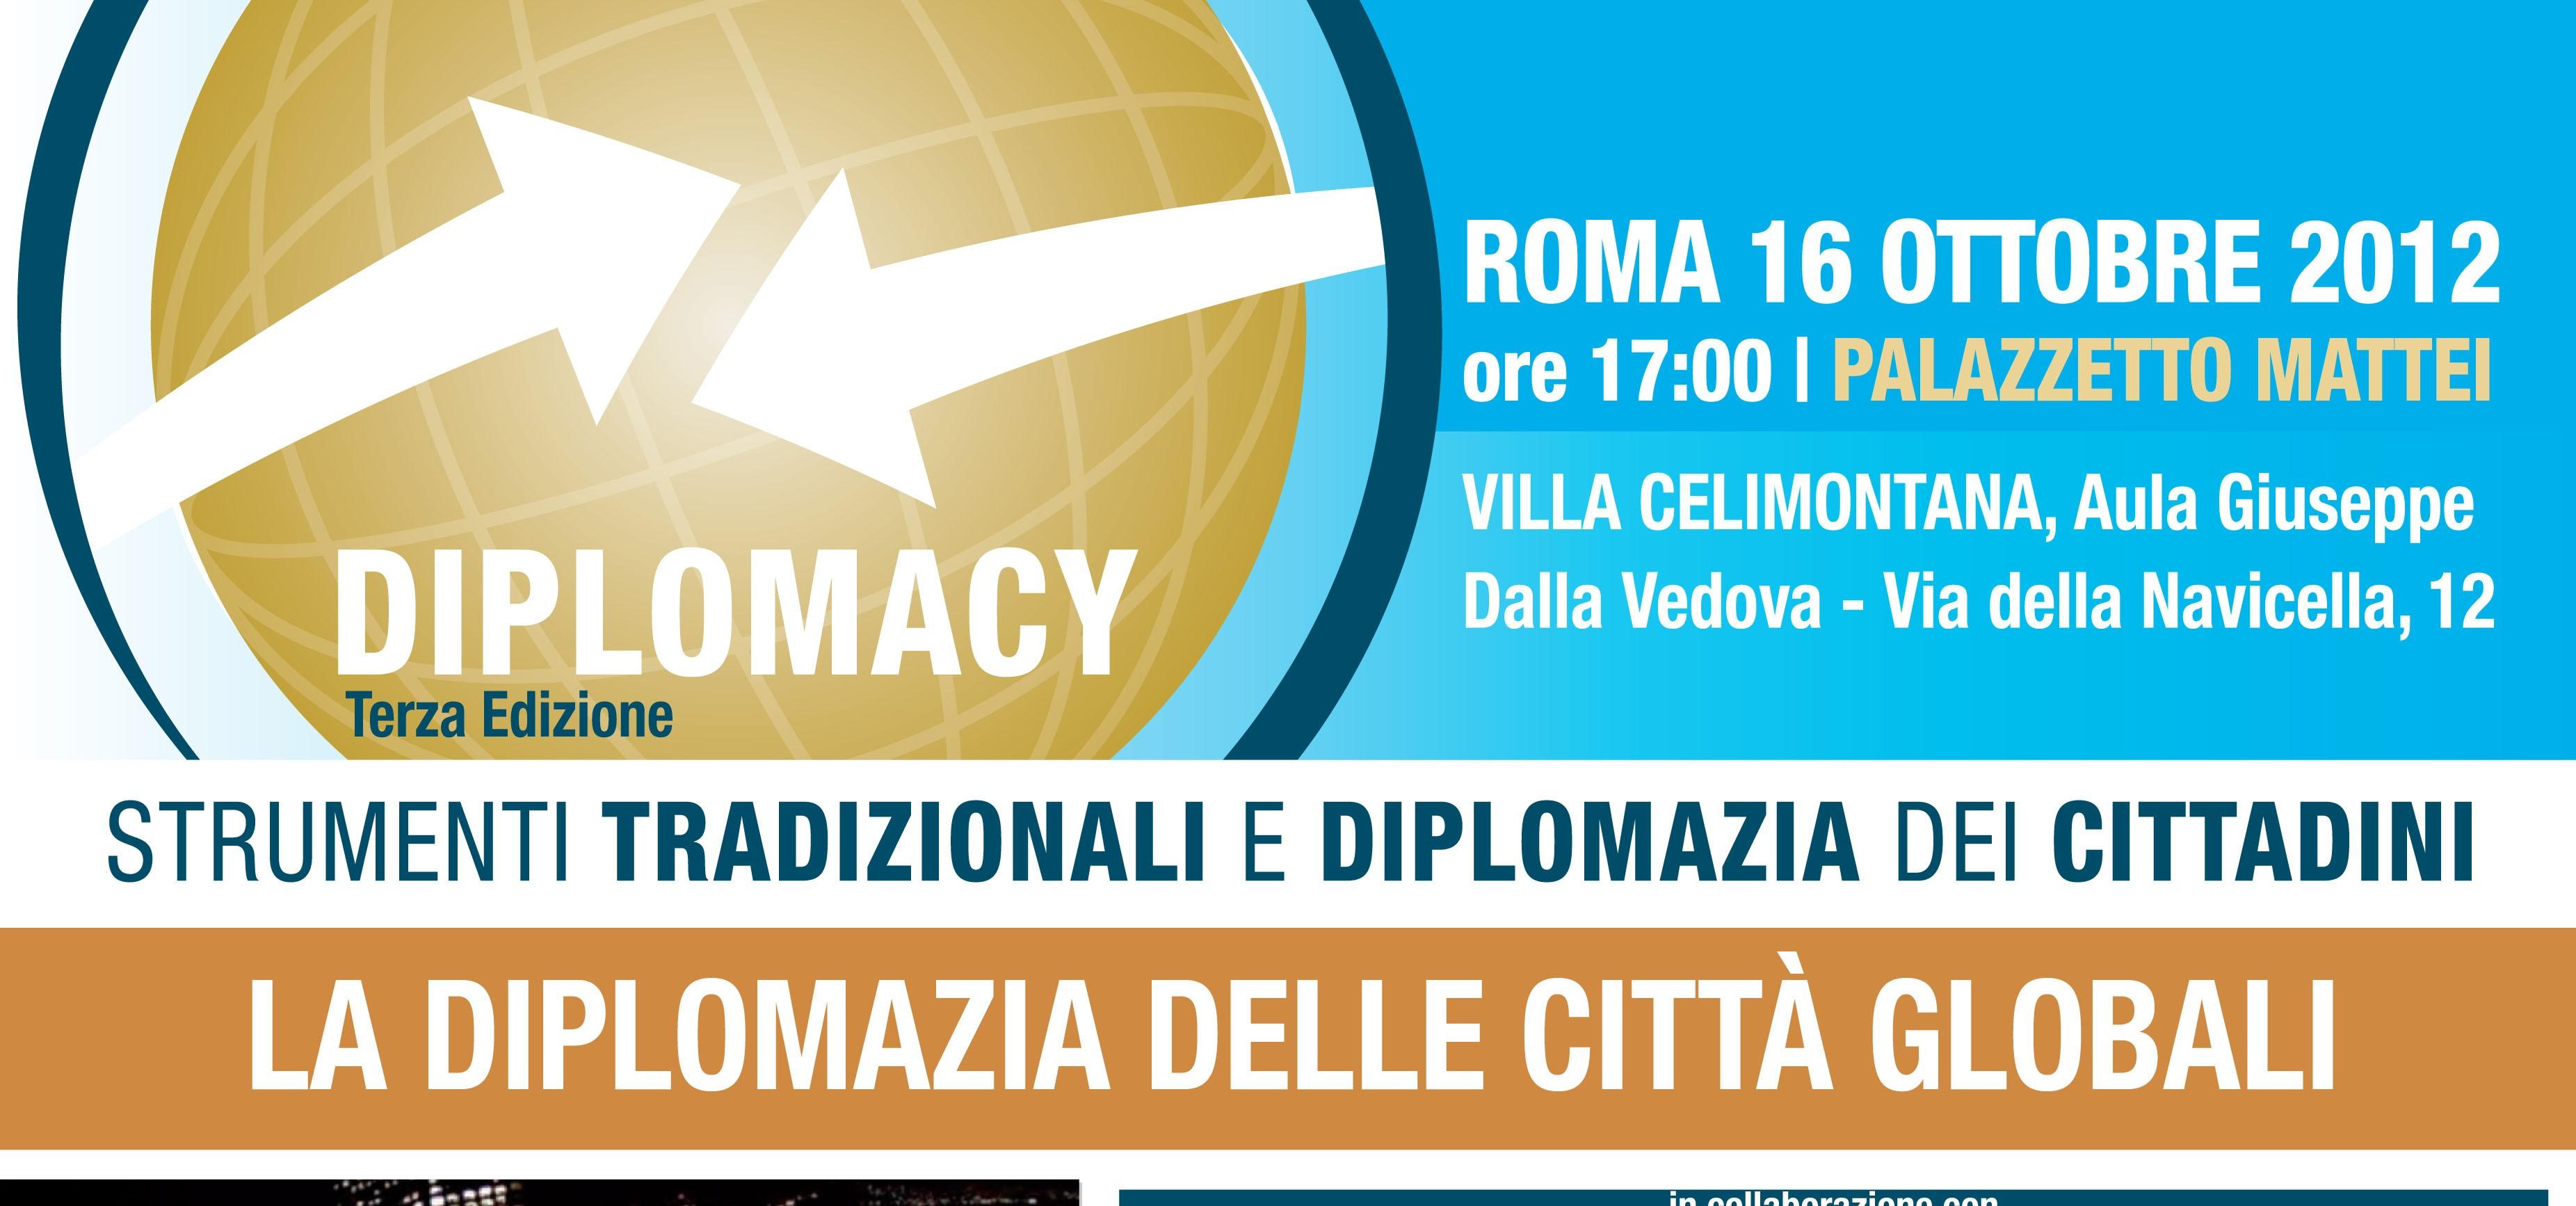 Incontri internazionali della Società Geografica di Roma